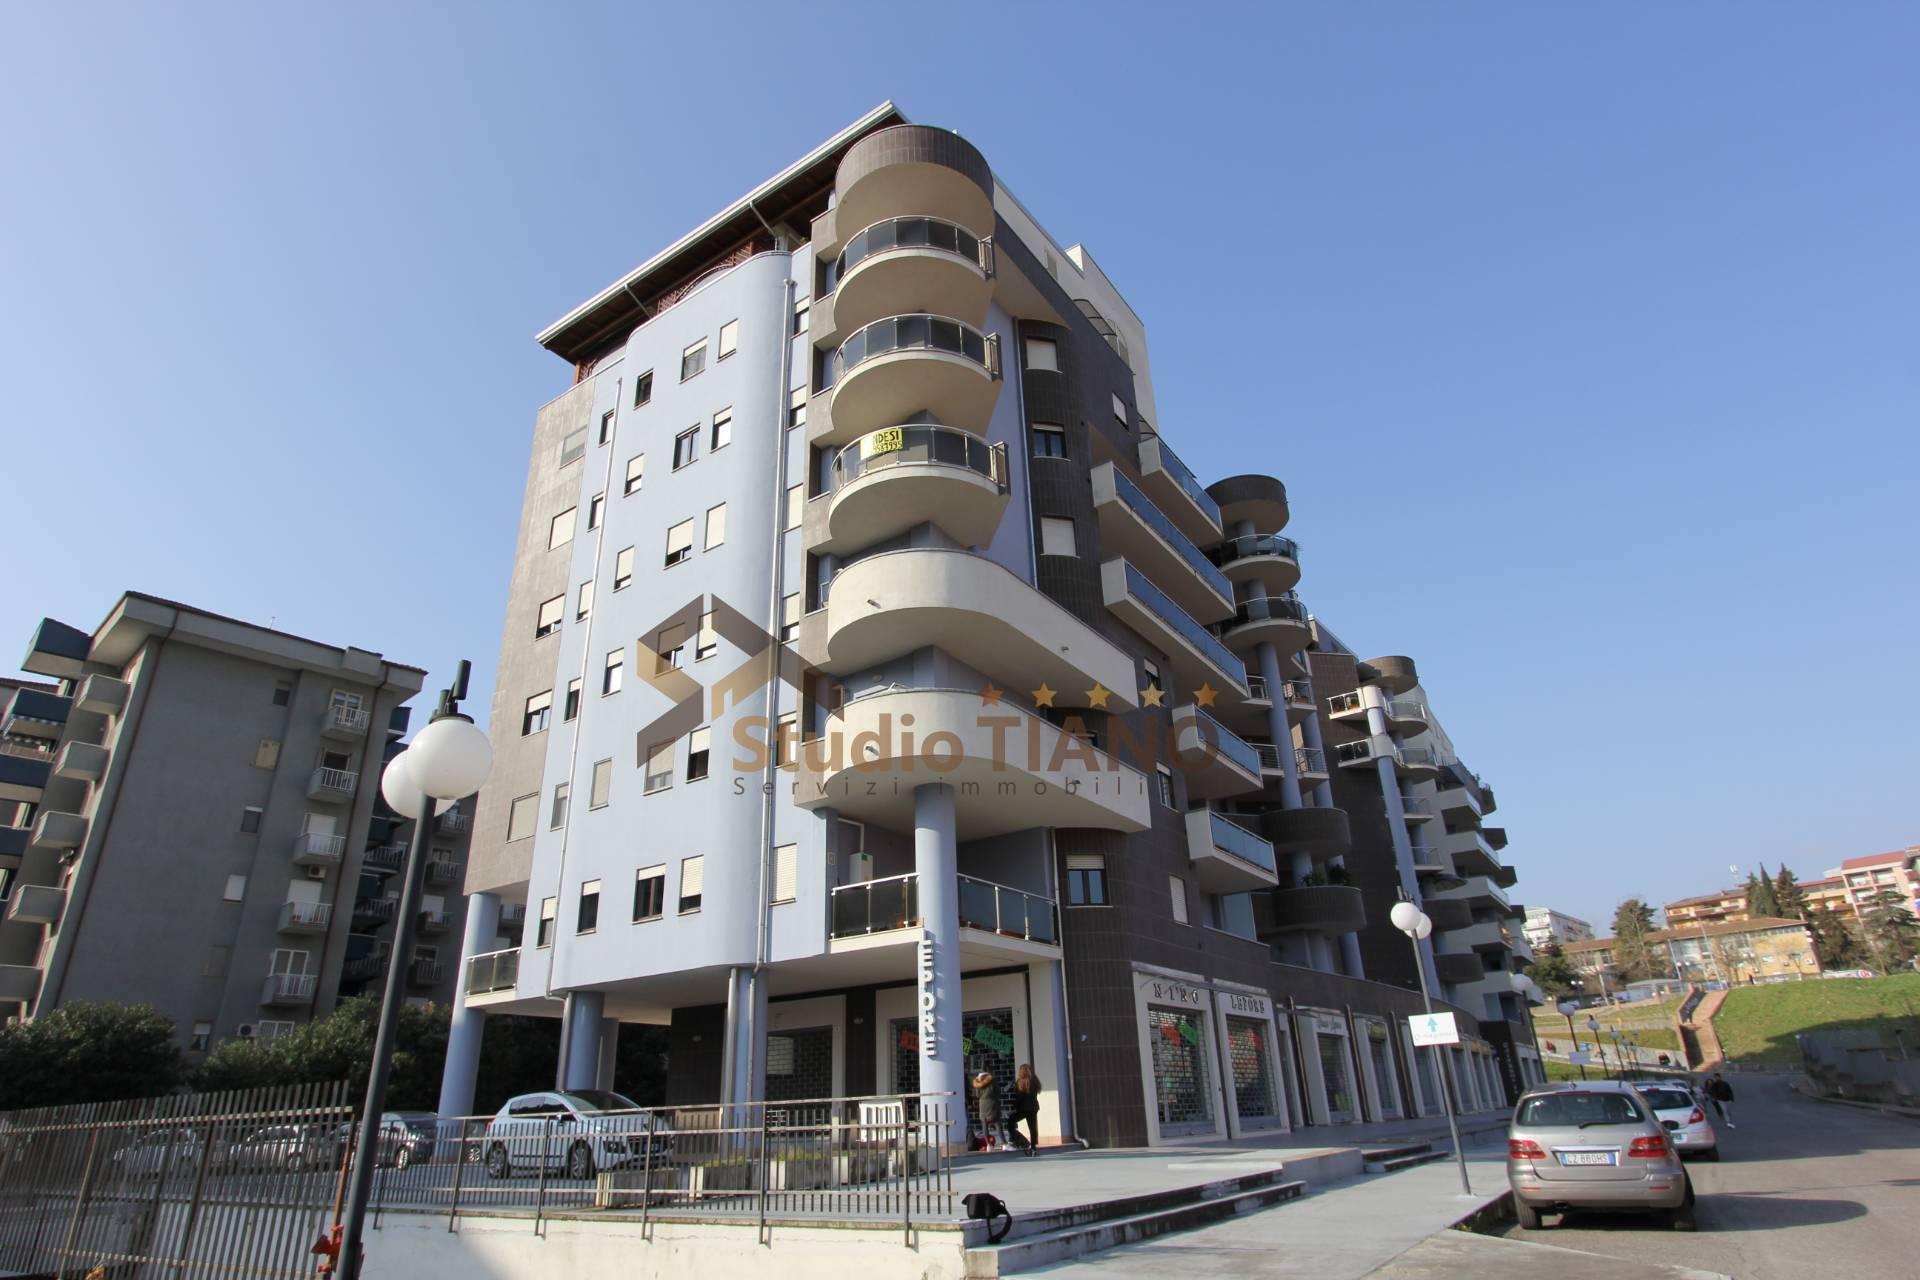 Attico / Mansarda in vendita a Cosenza, 5 locali, prezzo € 360.000   PortaleAgenzieImmobiliari.it